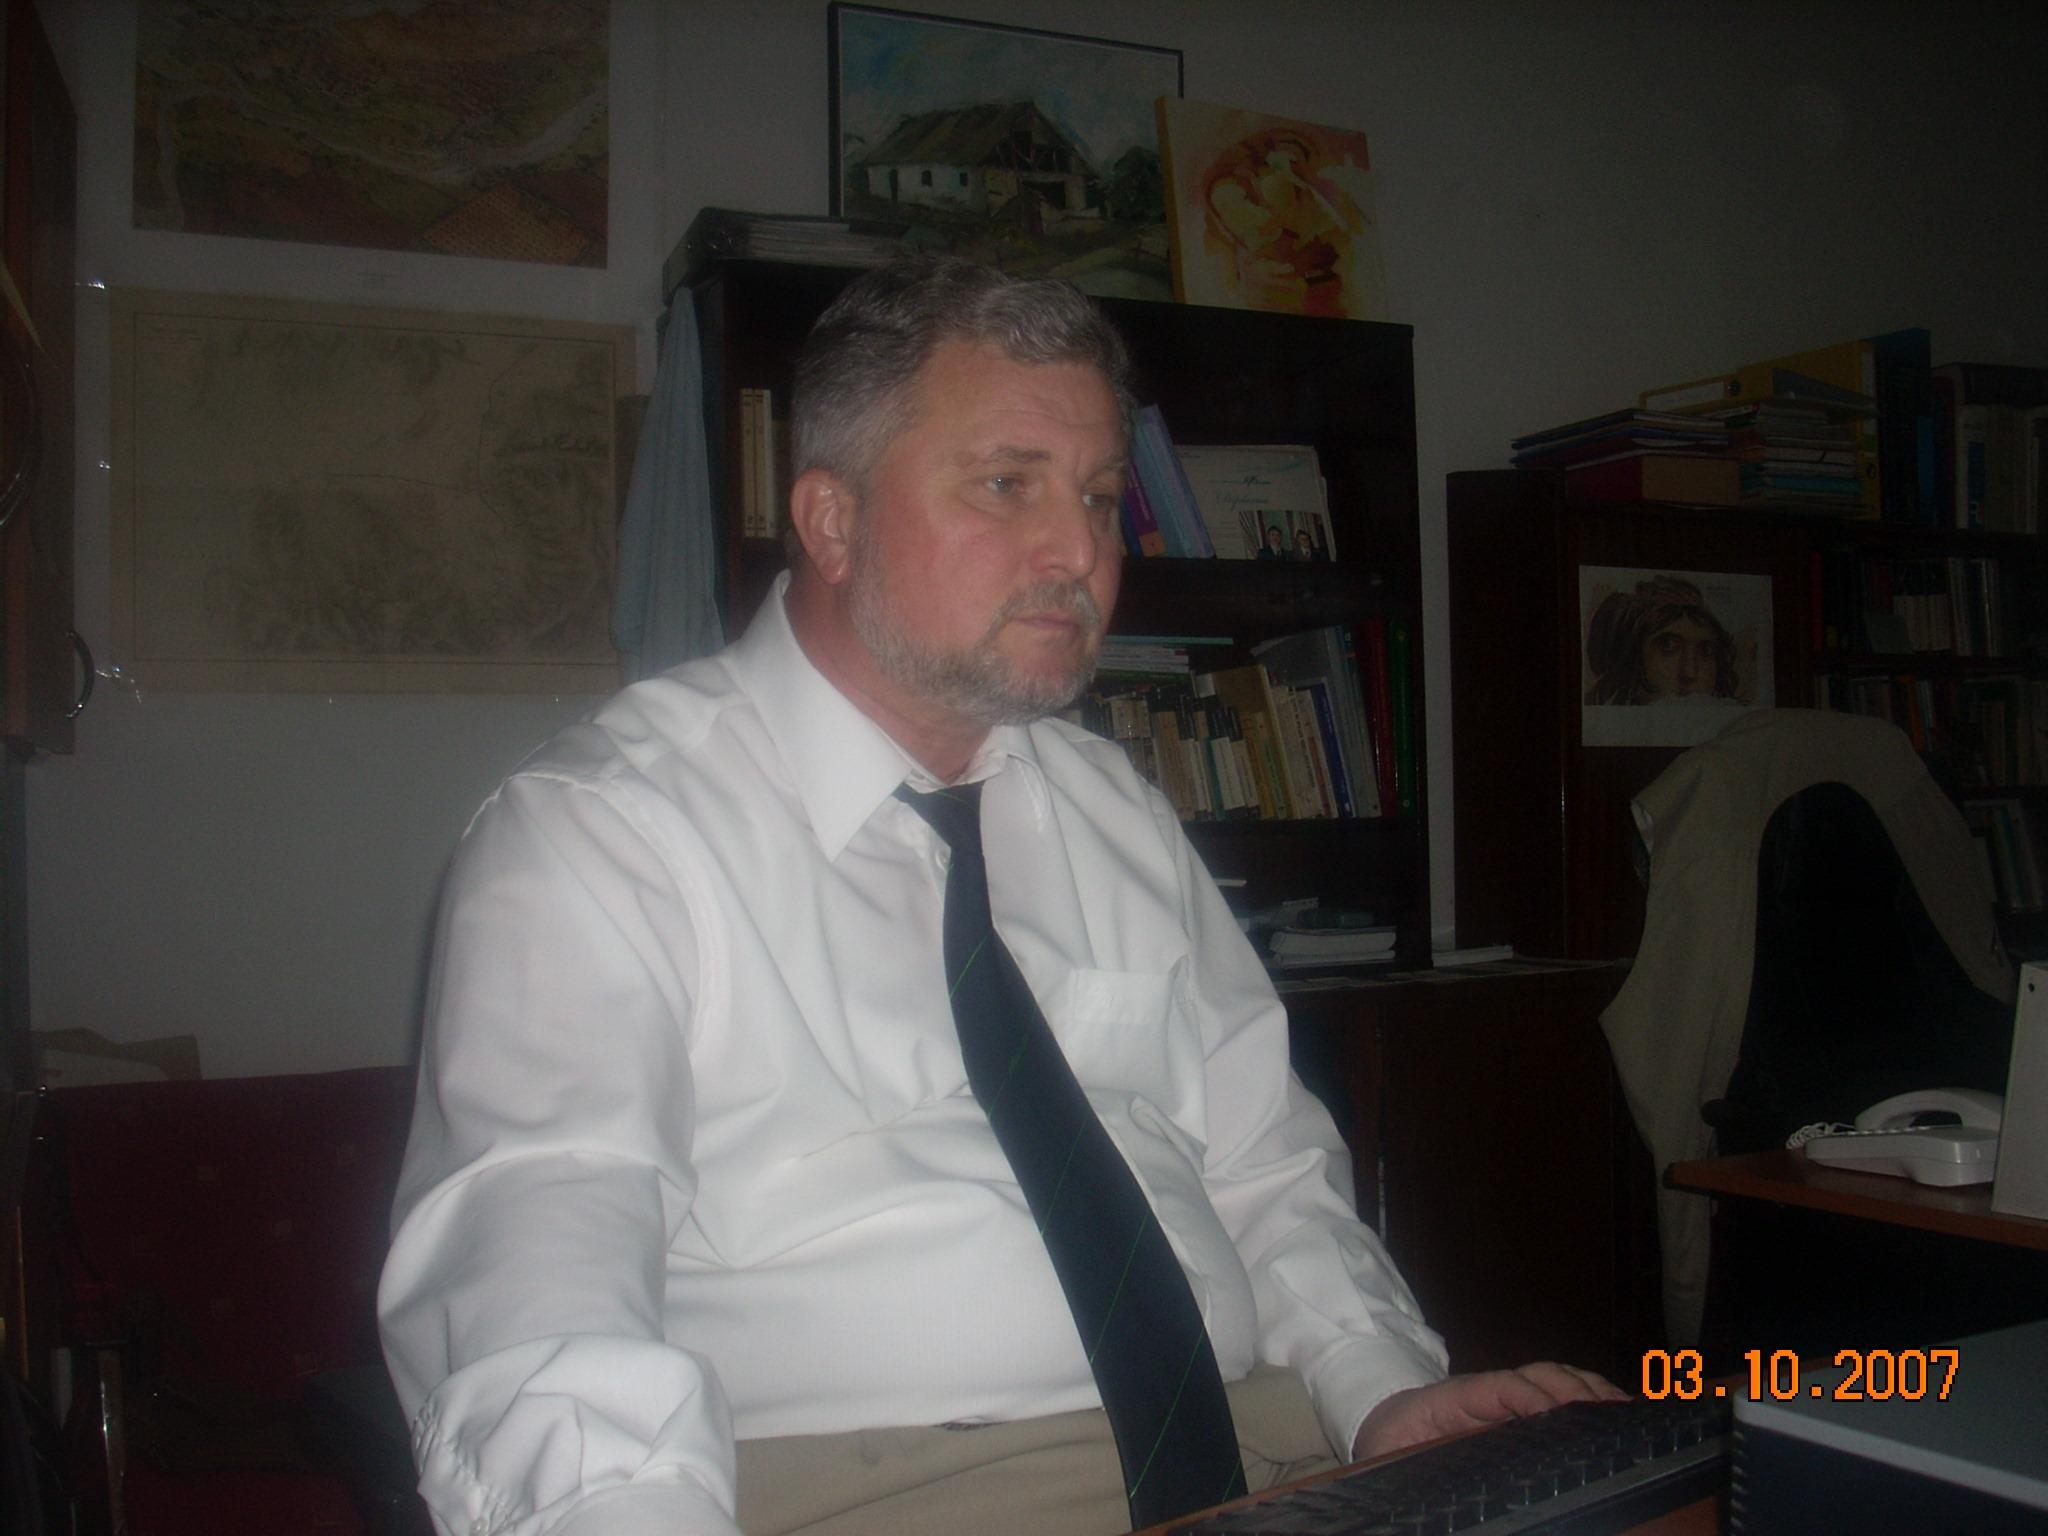 <a href='https://www.arheologi.ro/arheolog/bounegru-octavian/'>Bounegru Octavian</a>